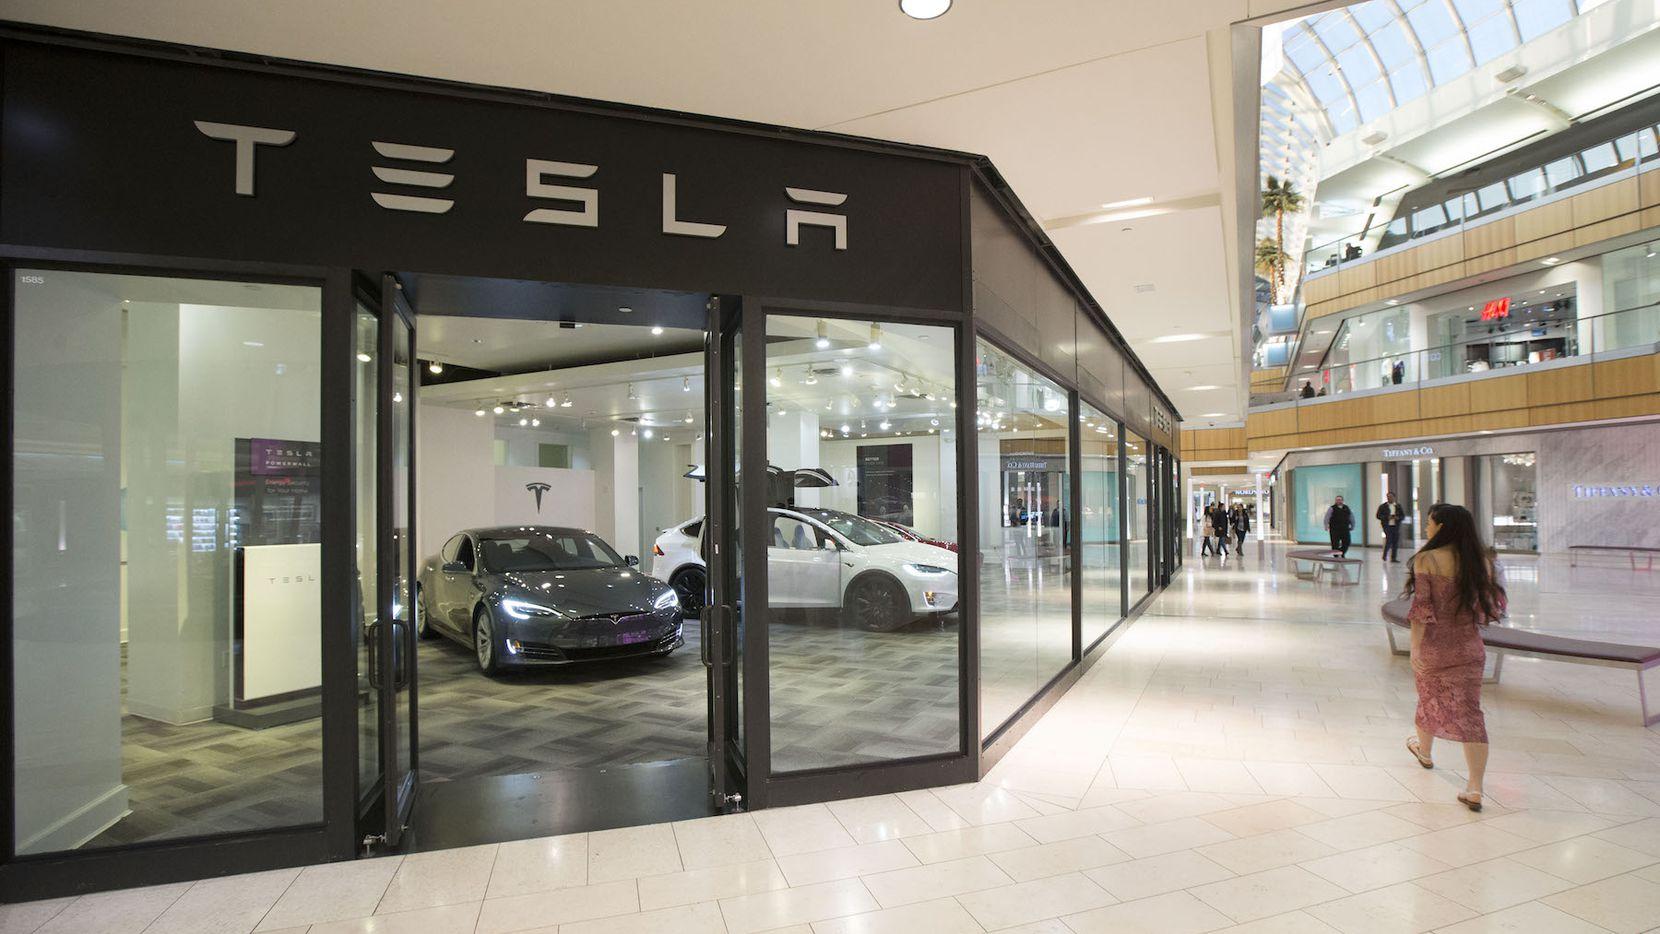 La recién abierta tienda de Tesla en Galleria Mall de Dallas. DMN